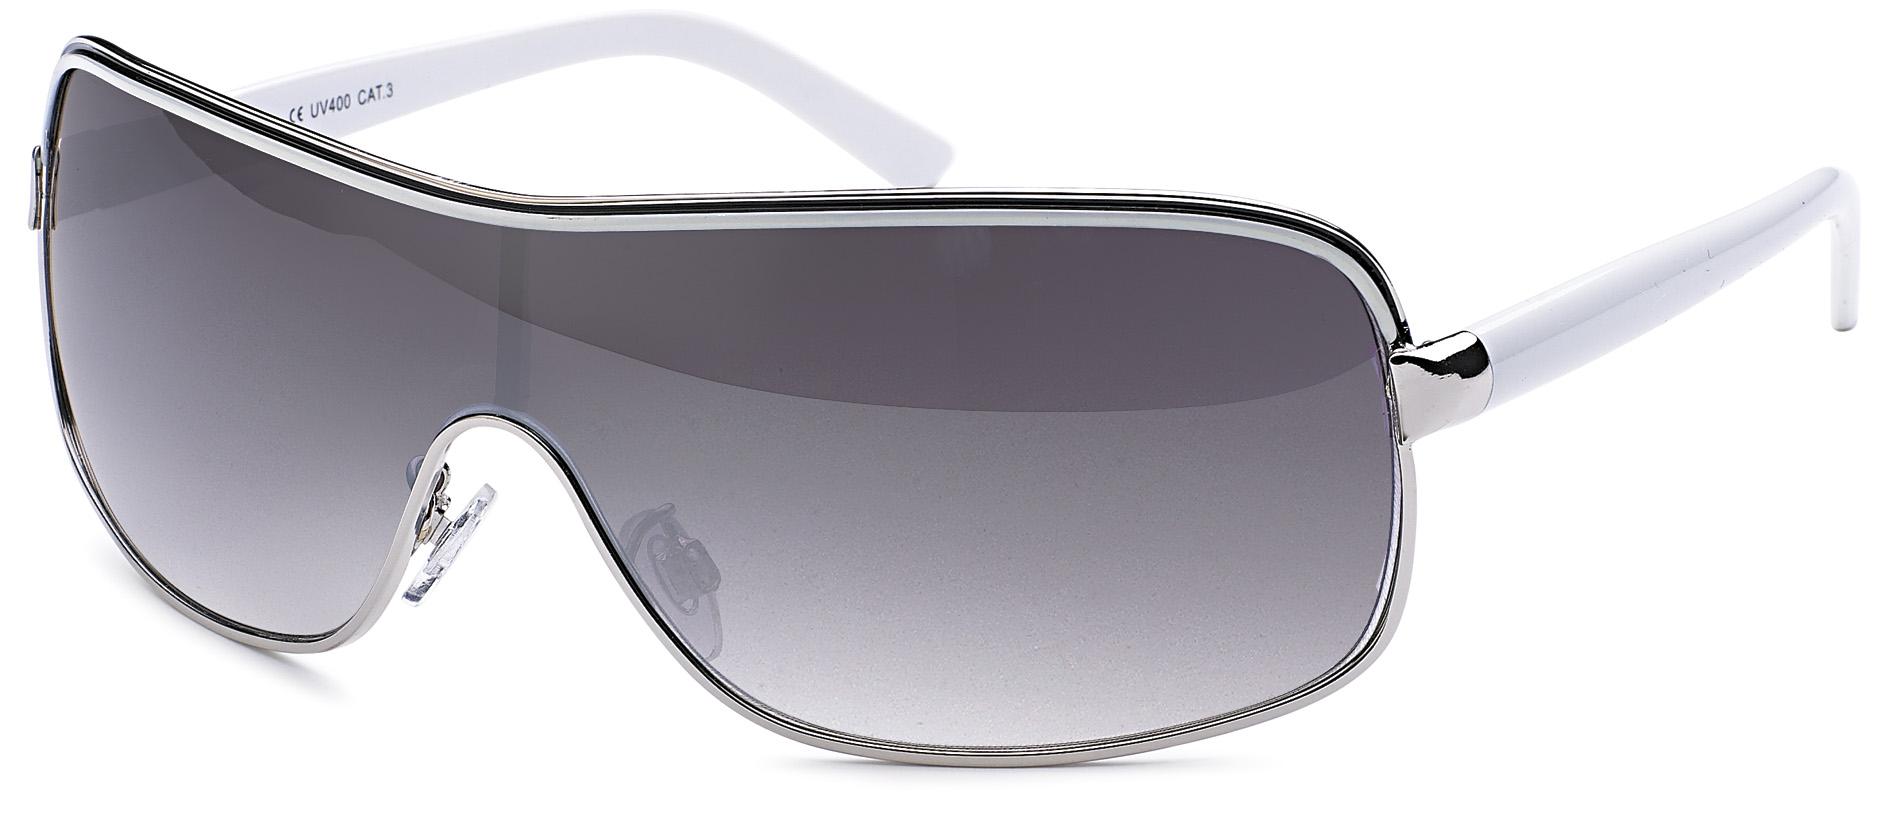 Sonnenbrille A60000